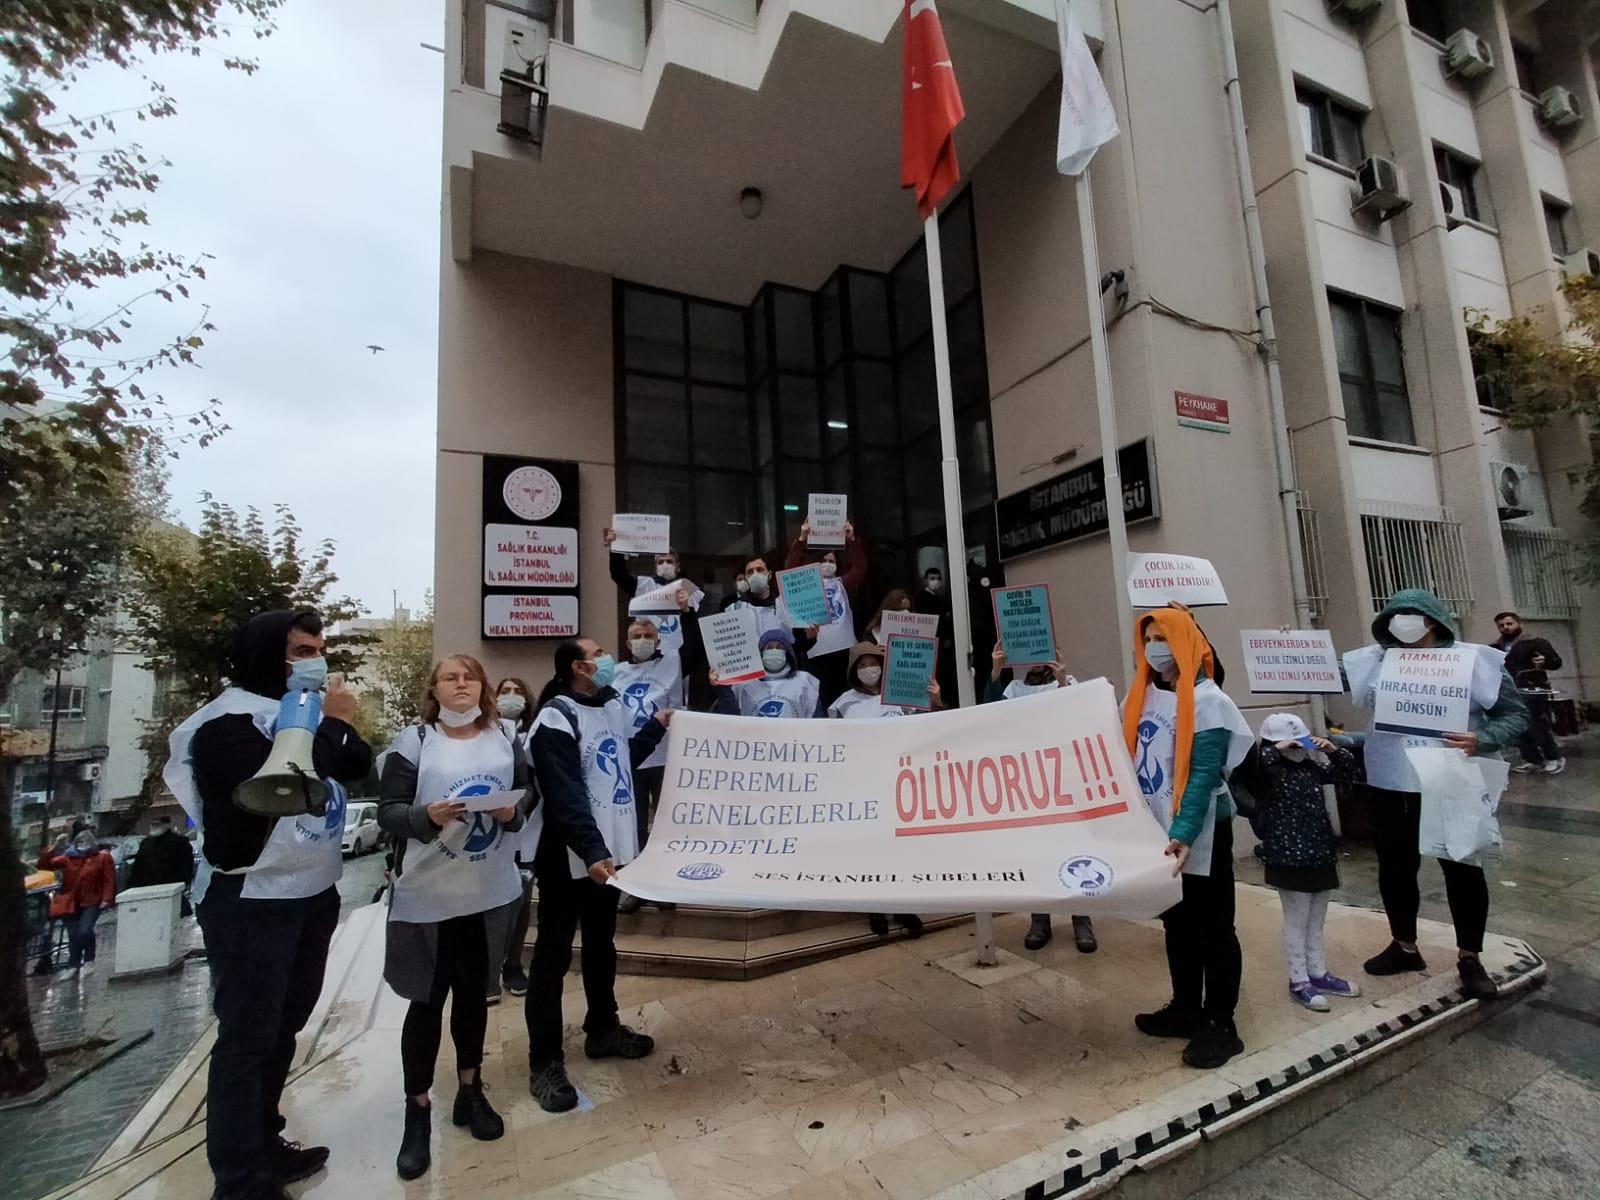 İstanbul Şubelerimiz: Pandemiyle, Depremle, Genelgelerle, Şiddetle Ölüyoruz